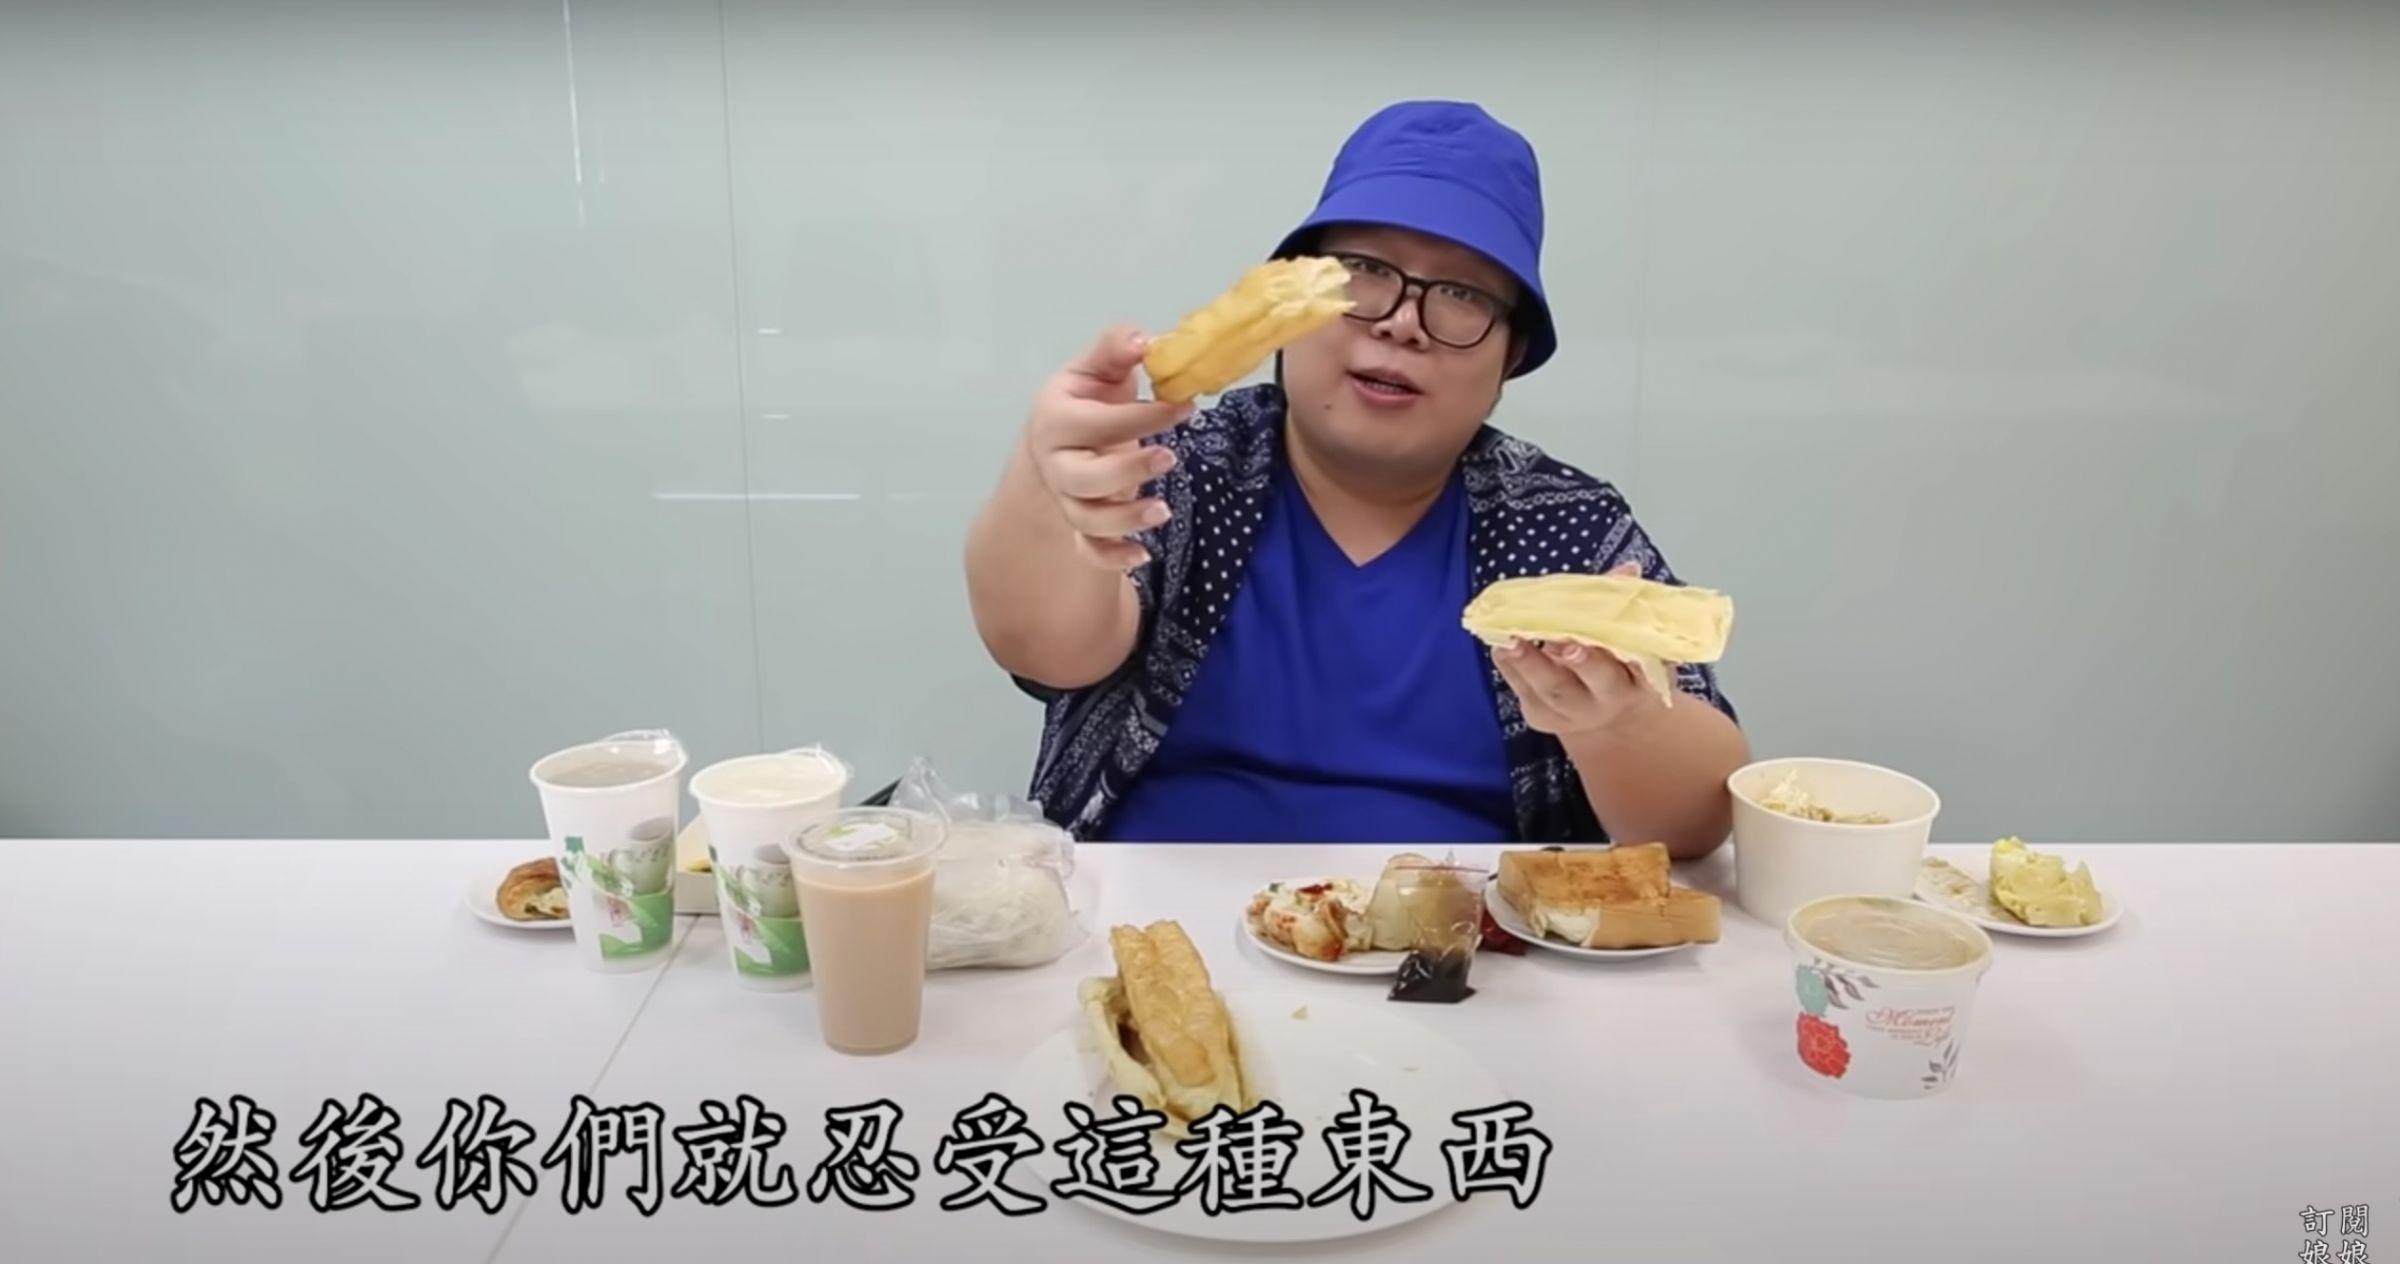 娘娘试吃台湾早餐「一脸嫌弃」!狠批「烧饼油条」:你们可以忍受它这么敷衍?插图3